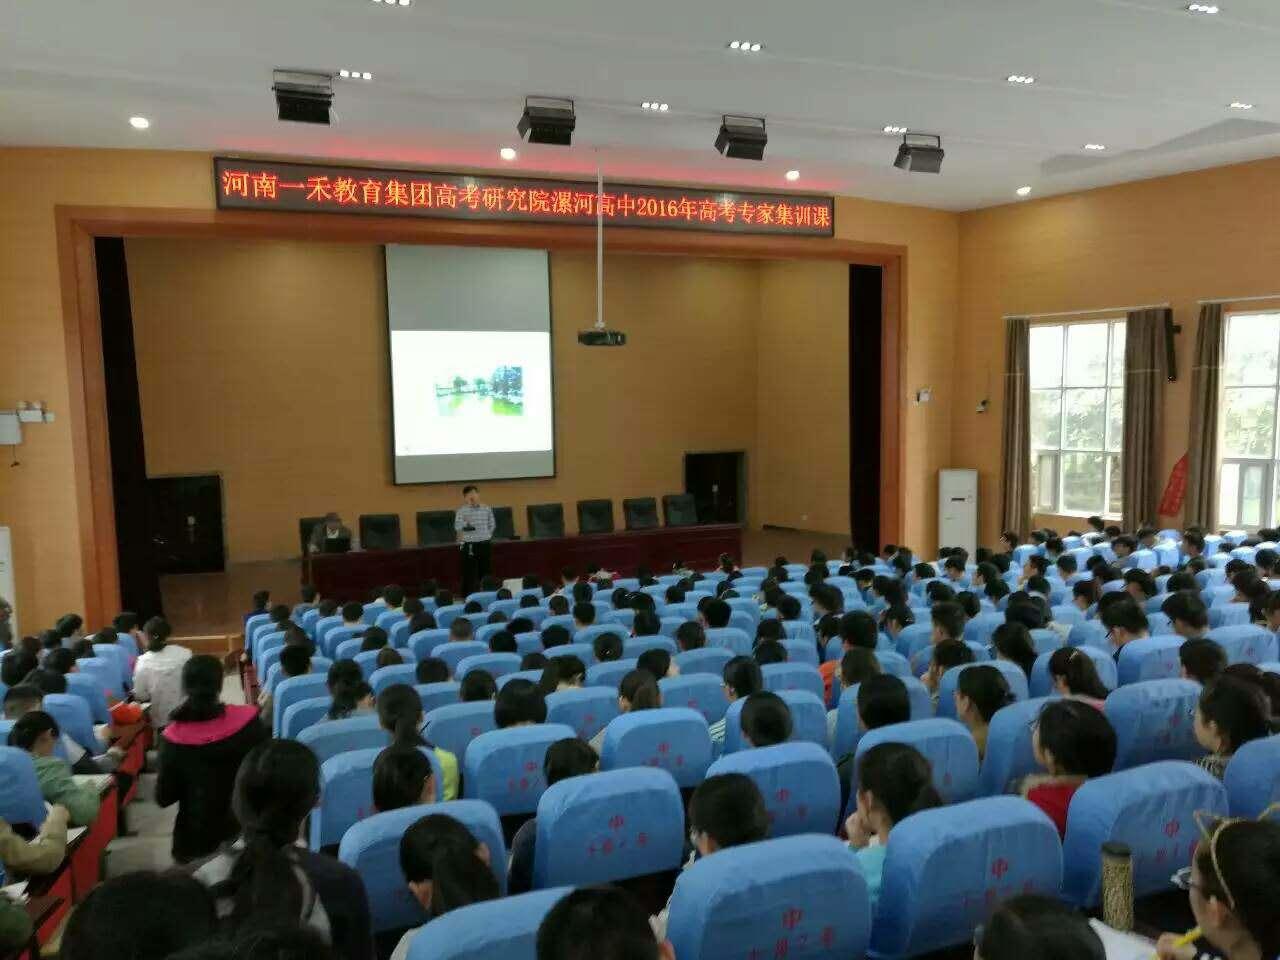 河南必威官方网页必威中国网站集团2016年4月在漯河高中举行高考专家集训课